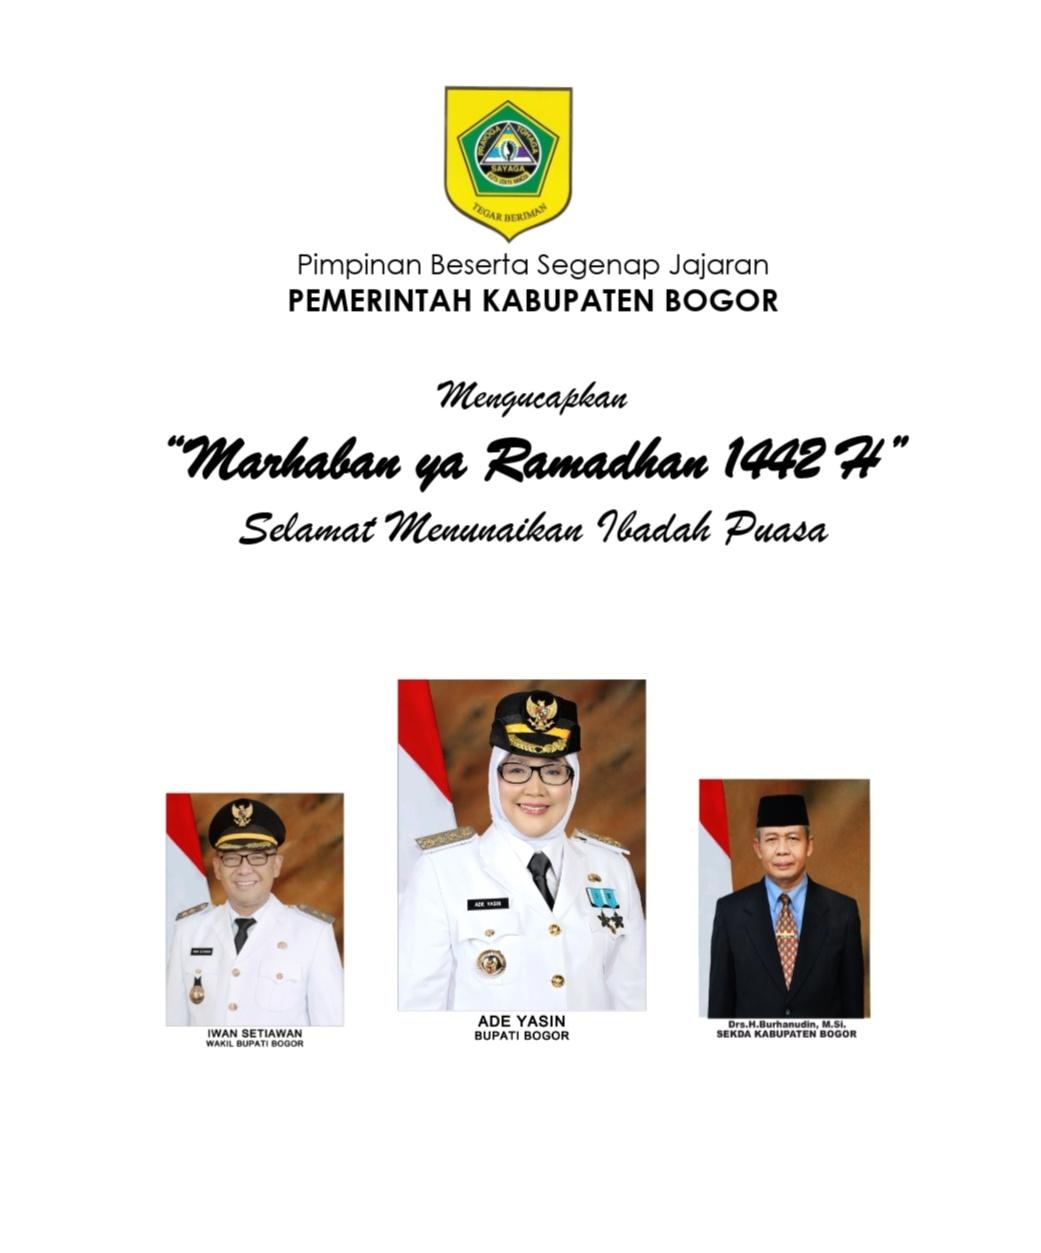 Rarhamadan Ya Ramadhan 1442 H